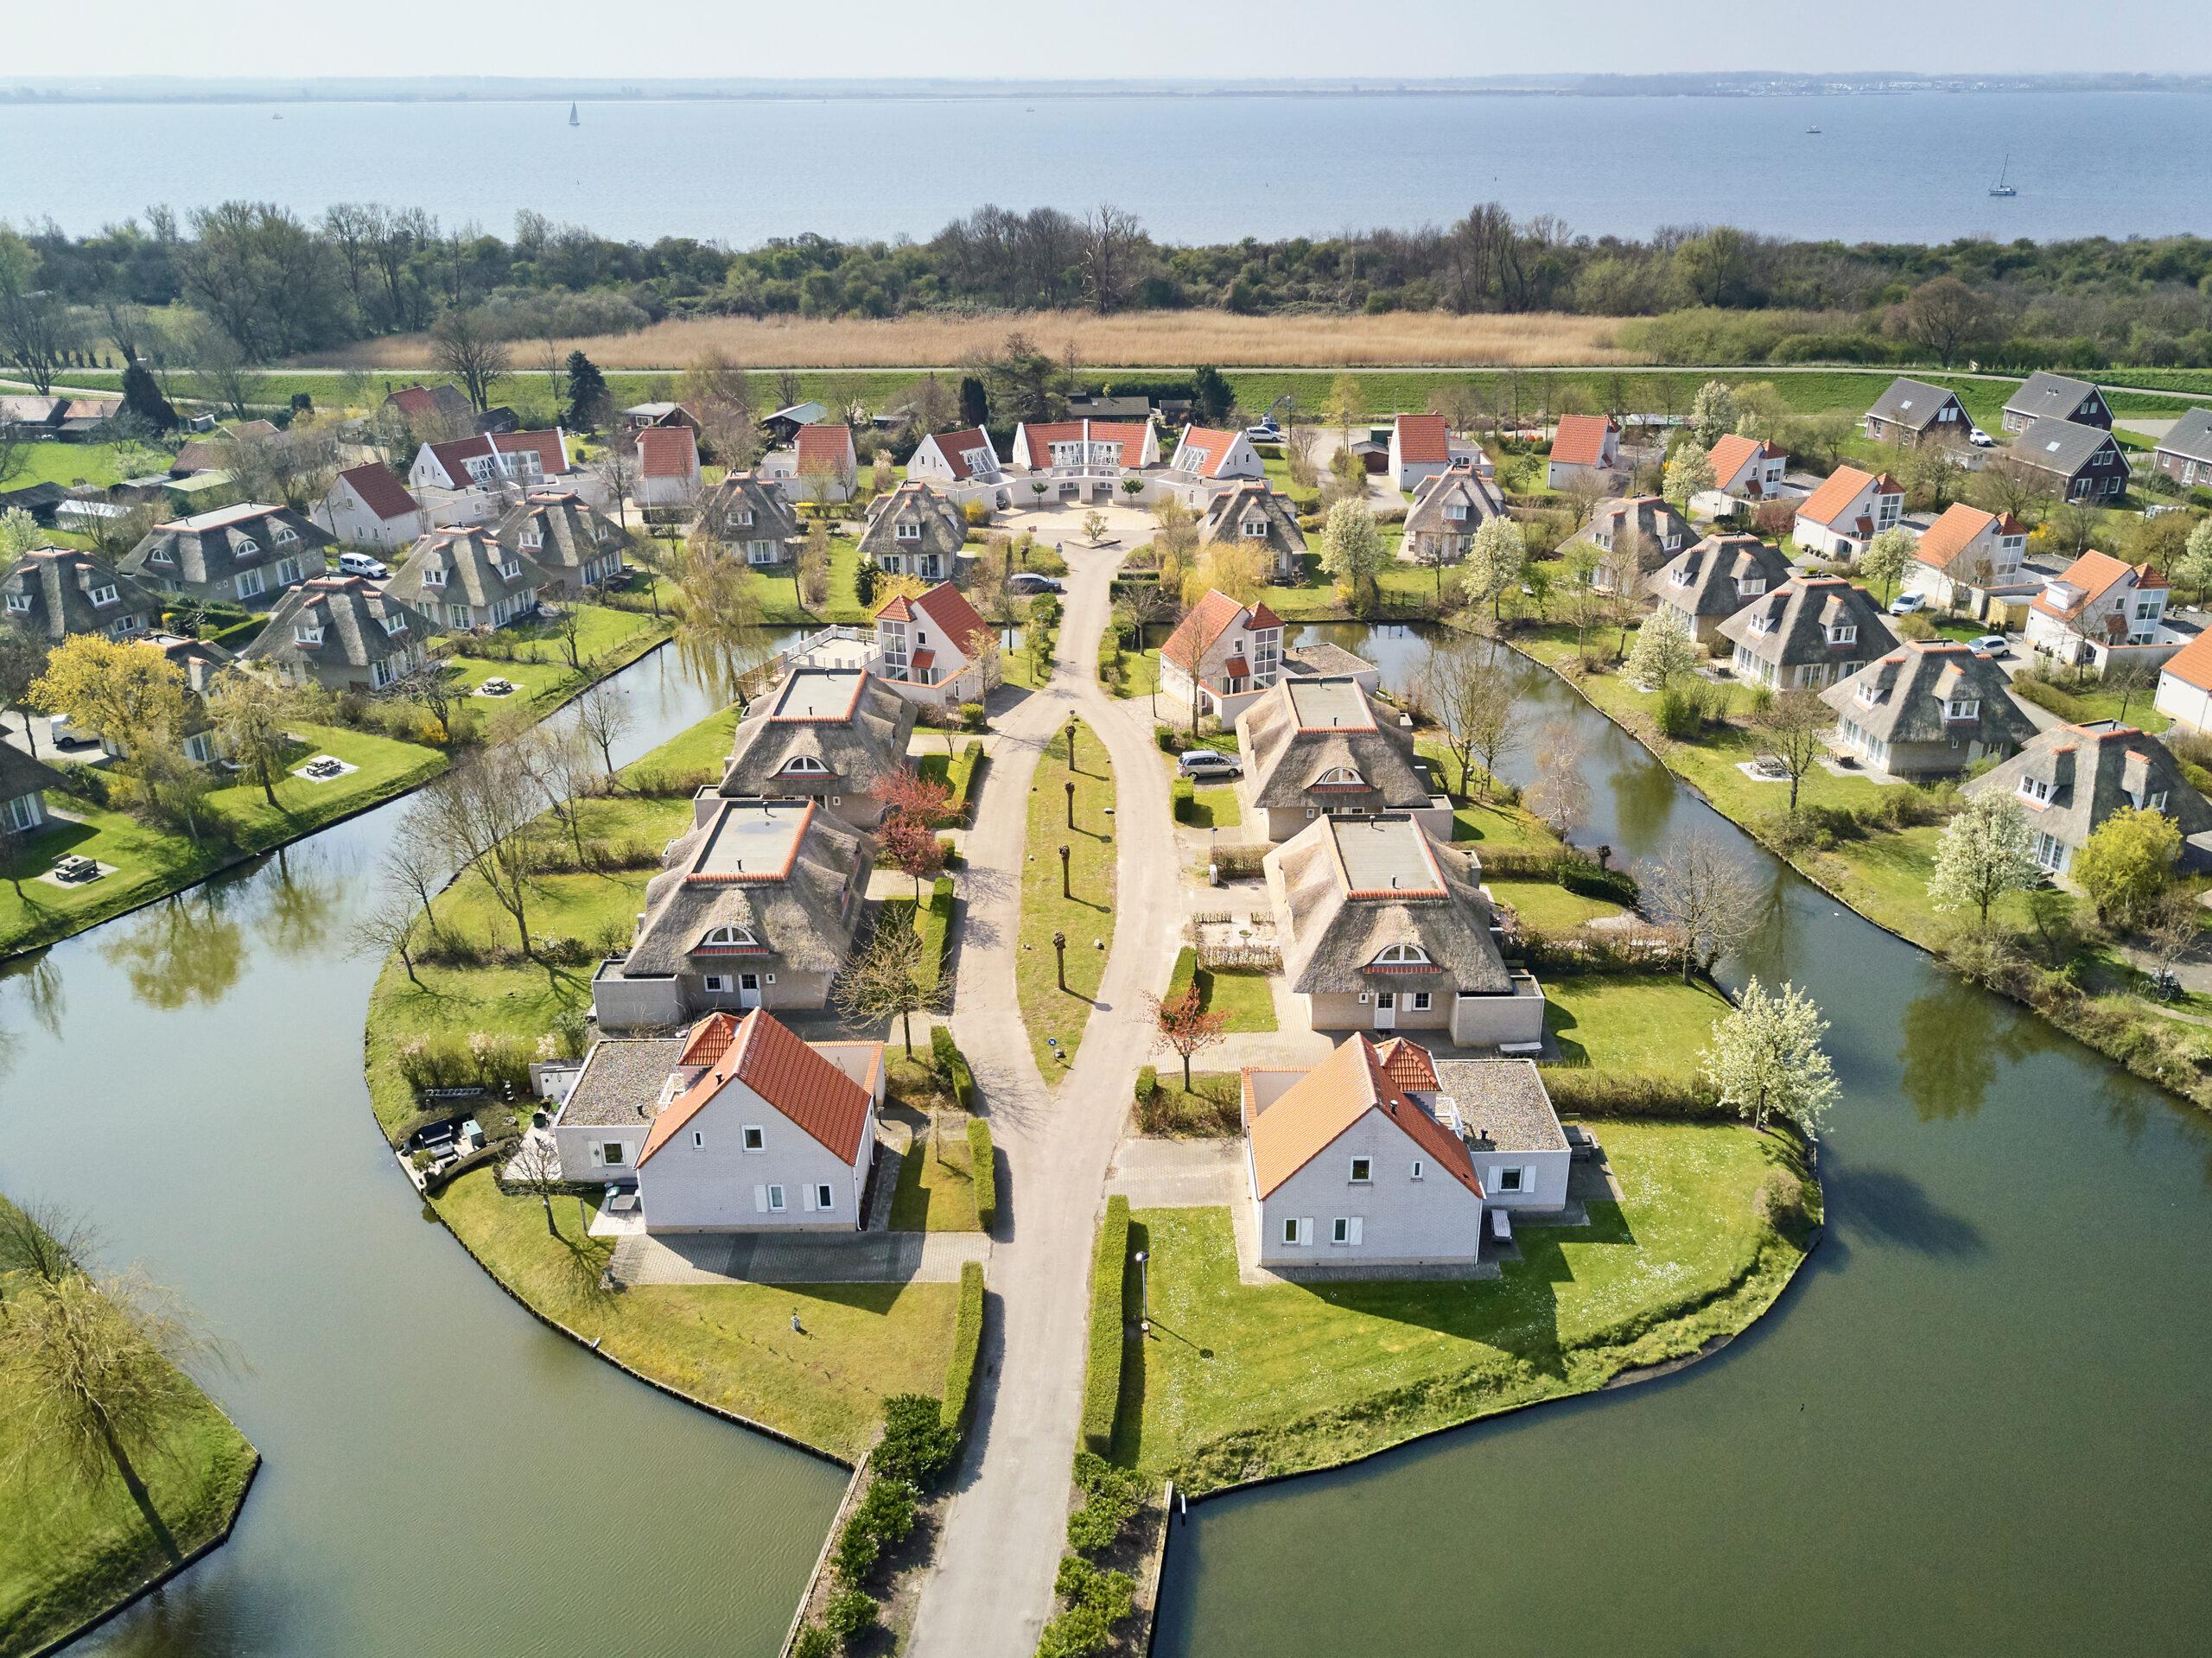 Drone foto van het eilandje op Resort Citta Romana met op de achtergrond uitzicht op het Haringvliet